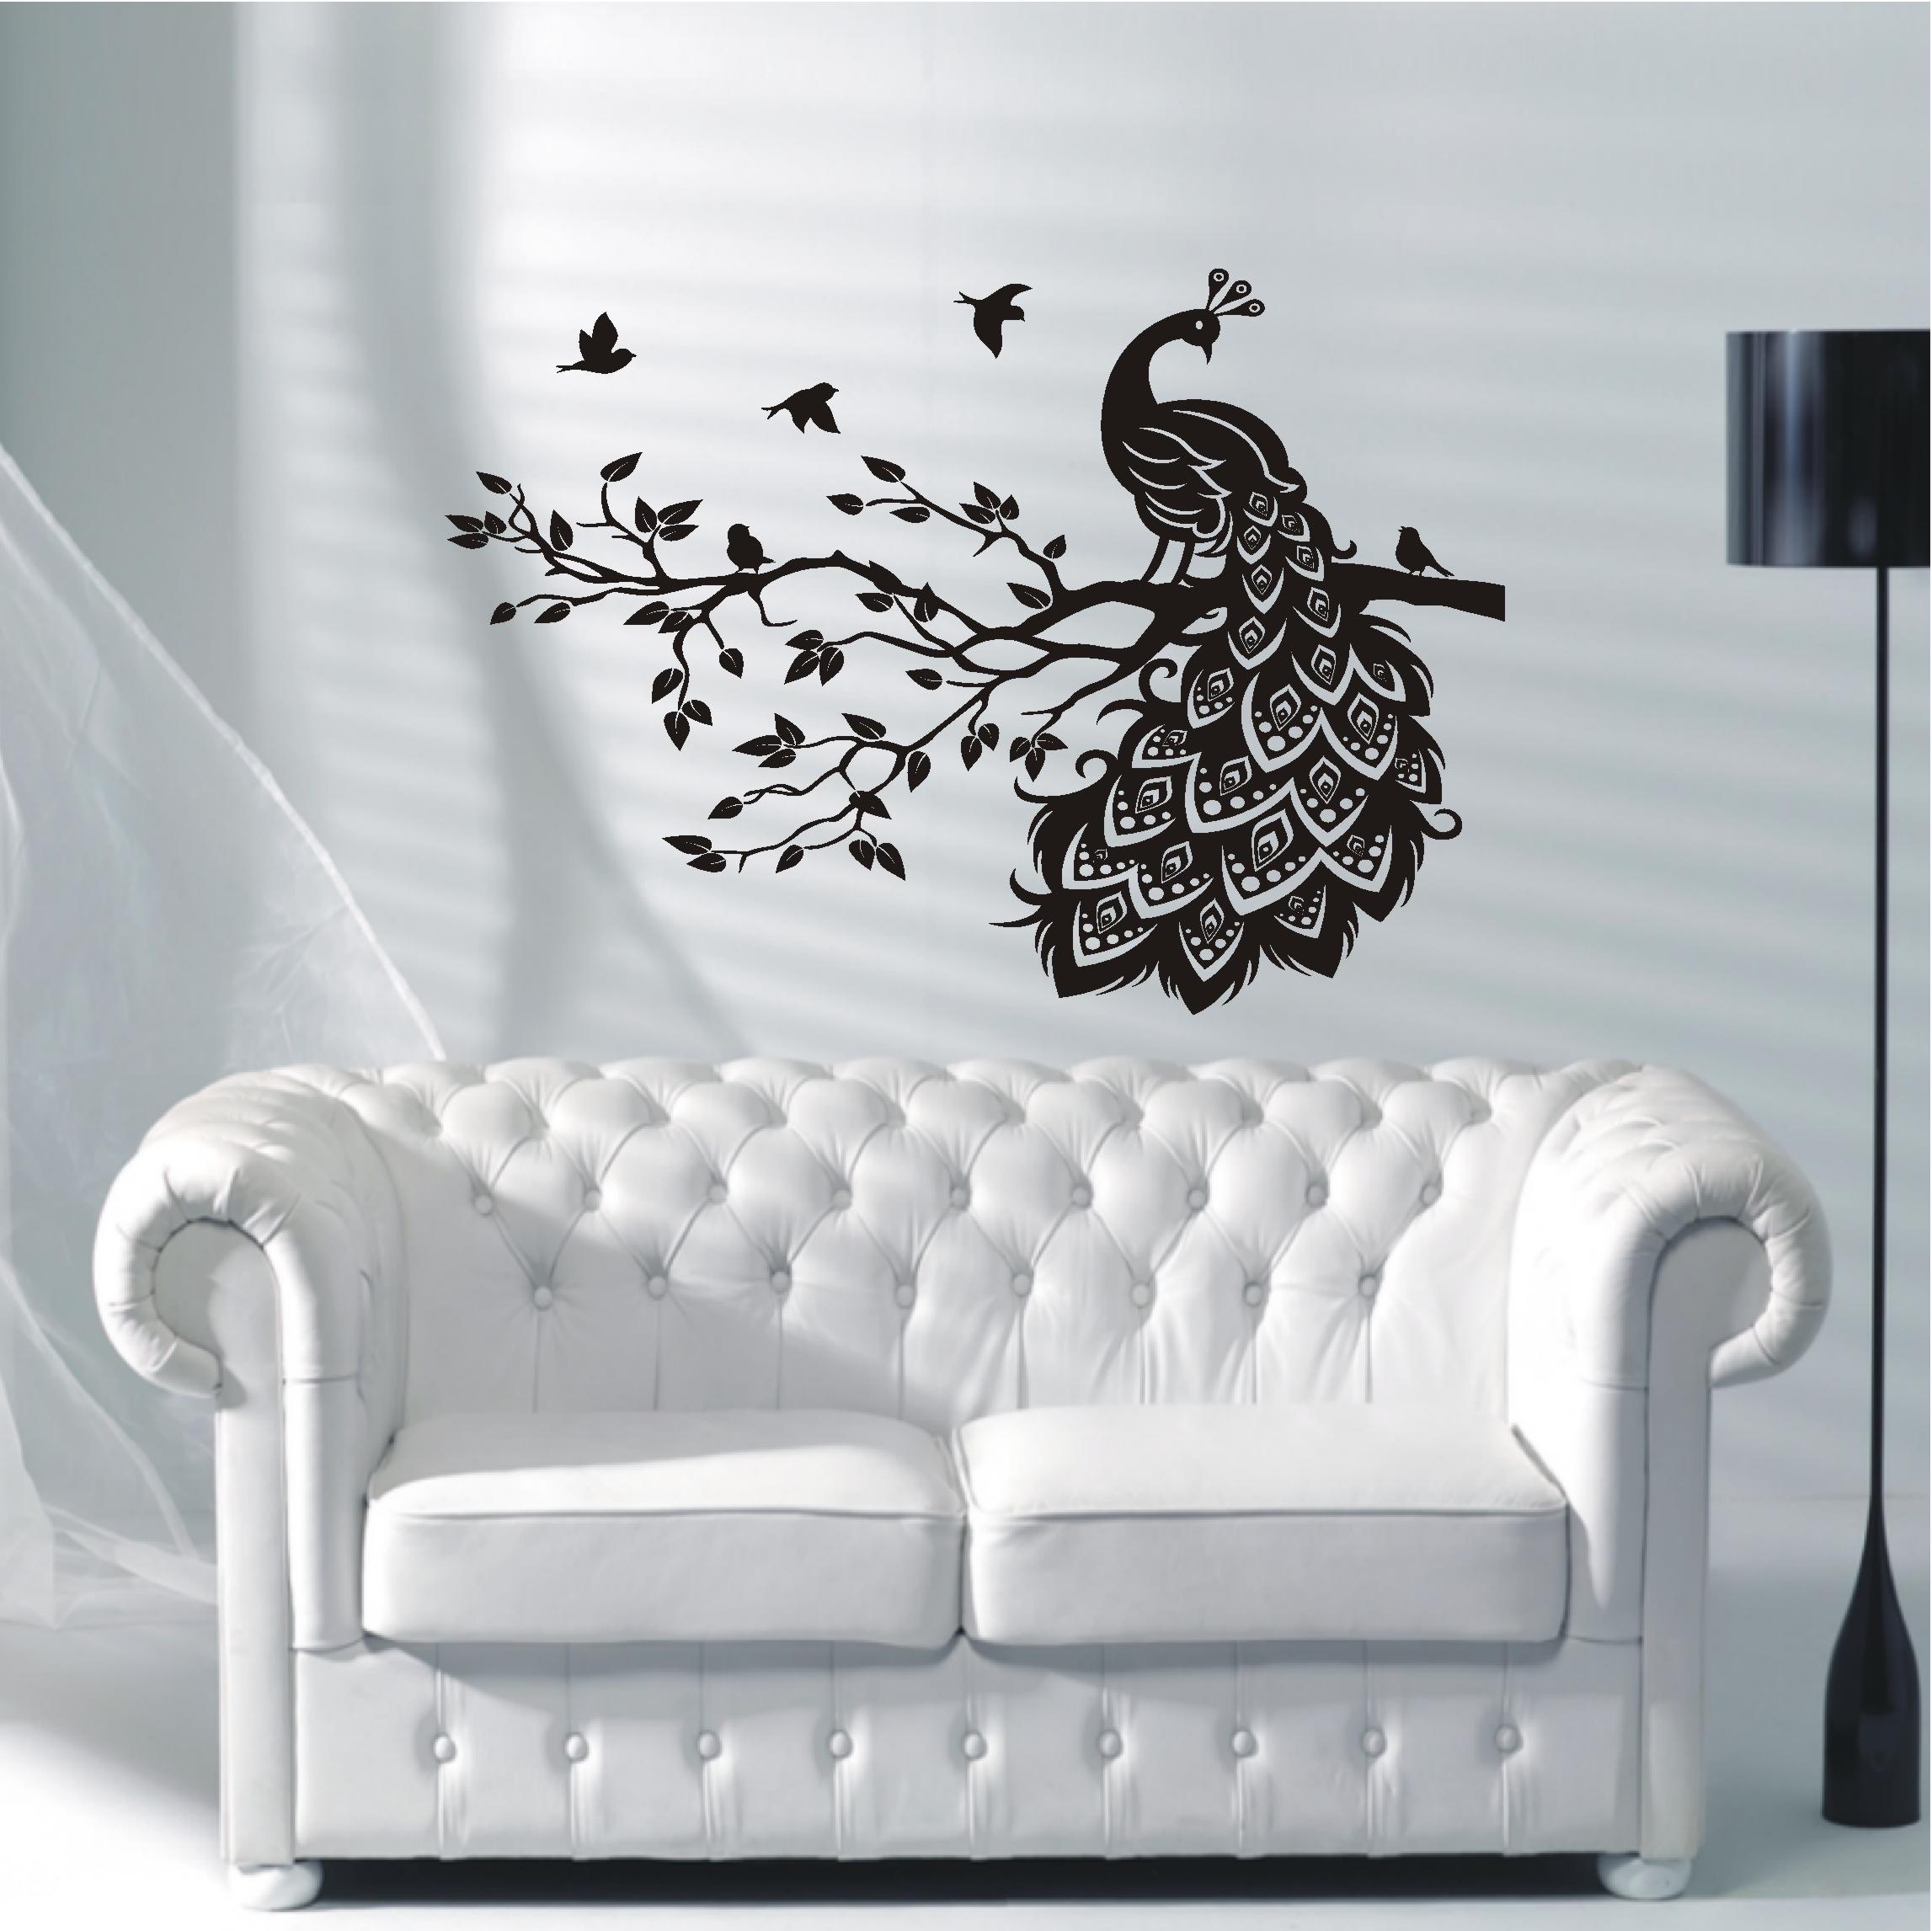 wandtattoo wandaufkleber pfau vogel ast wohnzimmer. Black Bedroom Furniture Sets. Home Design Ideas